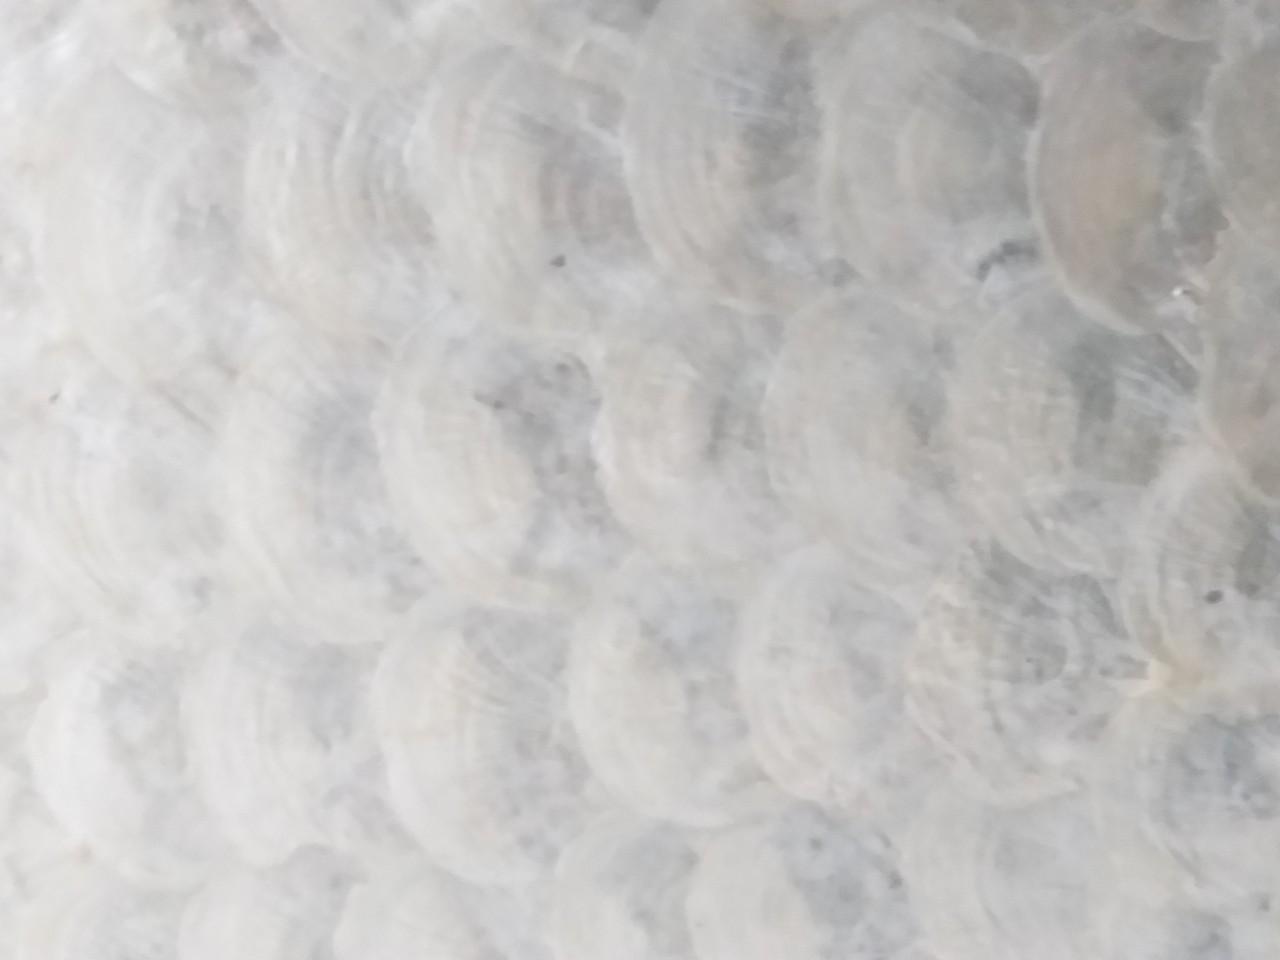 Vỏ con bóng kiếng ép MDF chuyên nghiệp nhất với công nghệ kỹ thuật tiên tiến hiện đại nhất